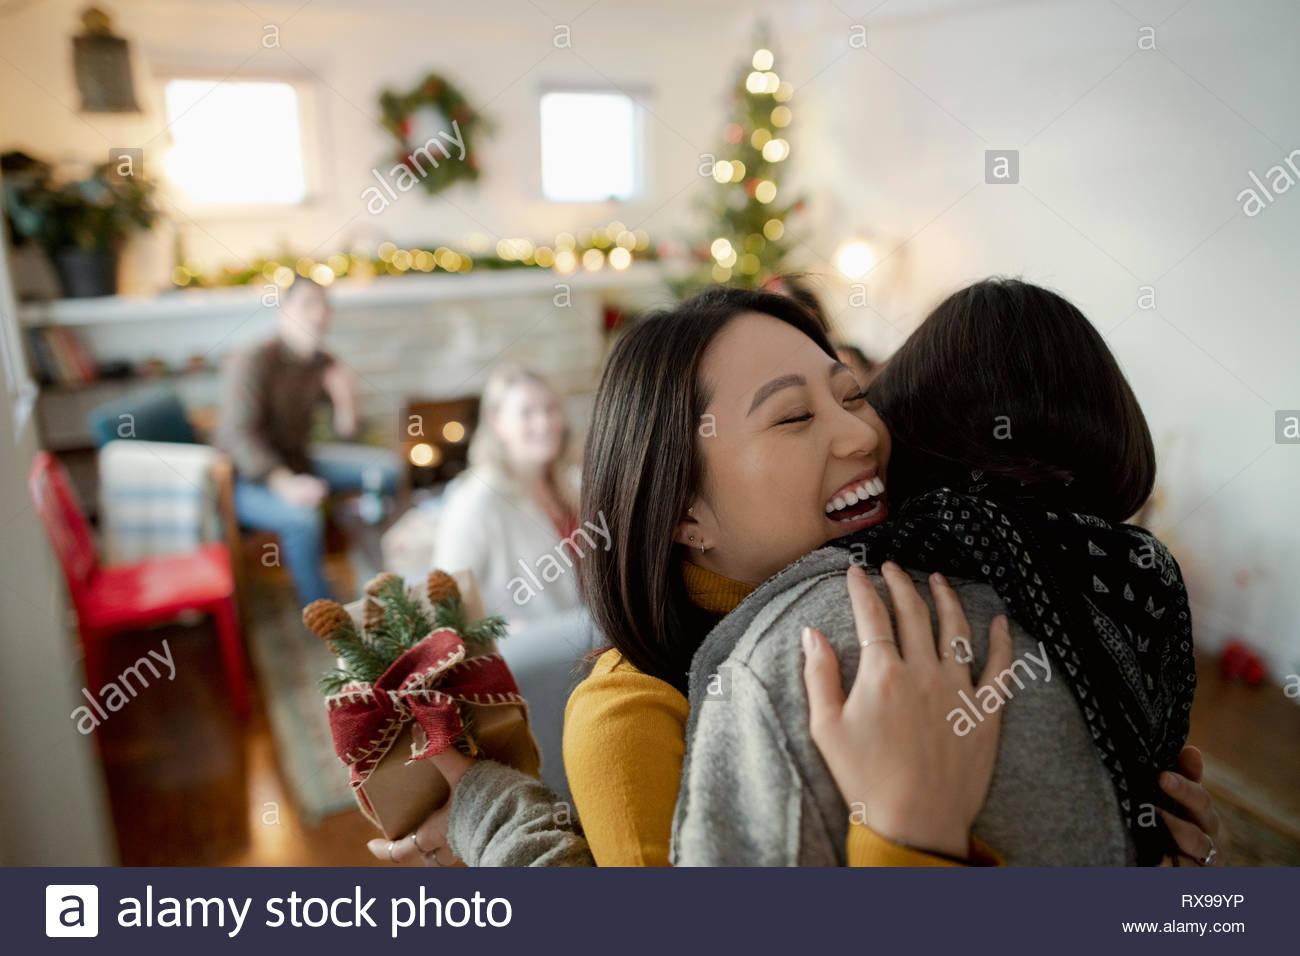 Glückliche junge Frau gruss Freund mit Weihnachtsgeschenk Stockbild